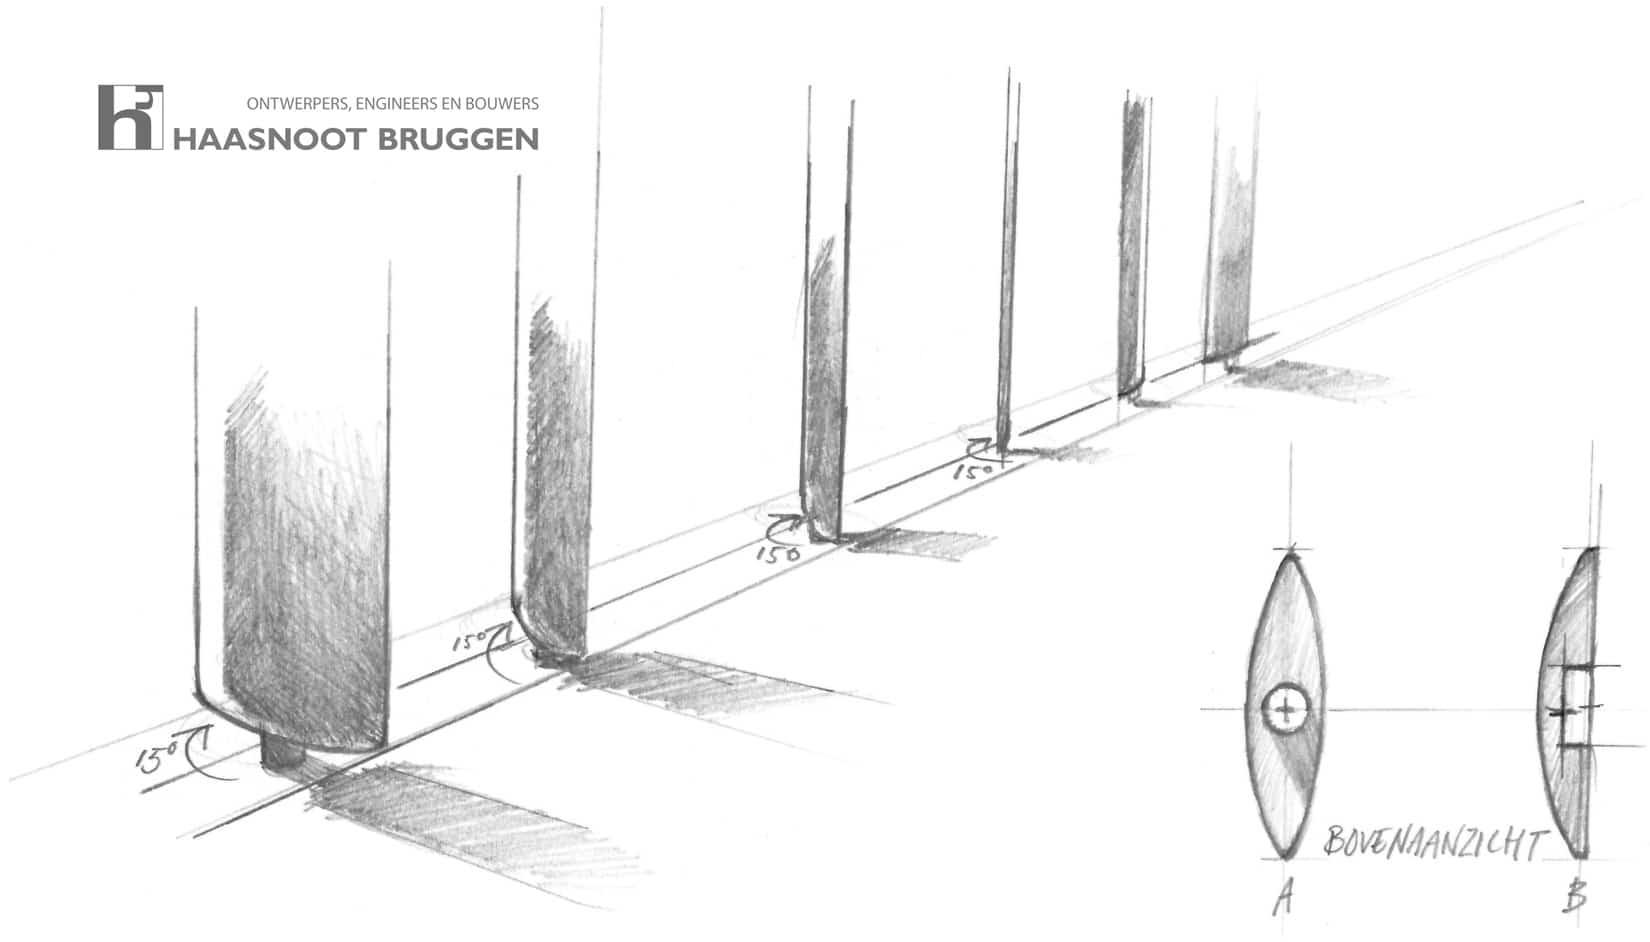 Bruggen ontwerp van Haasnoot Bruggen